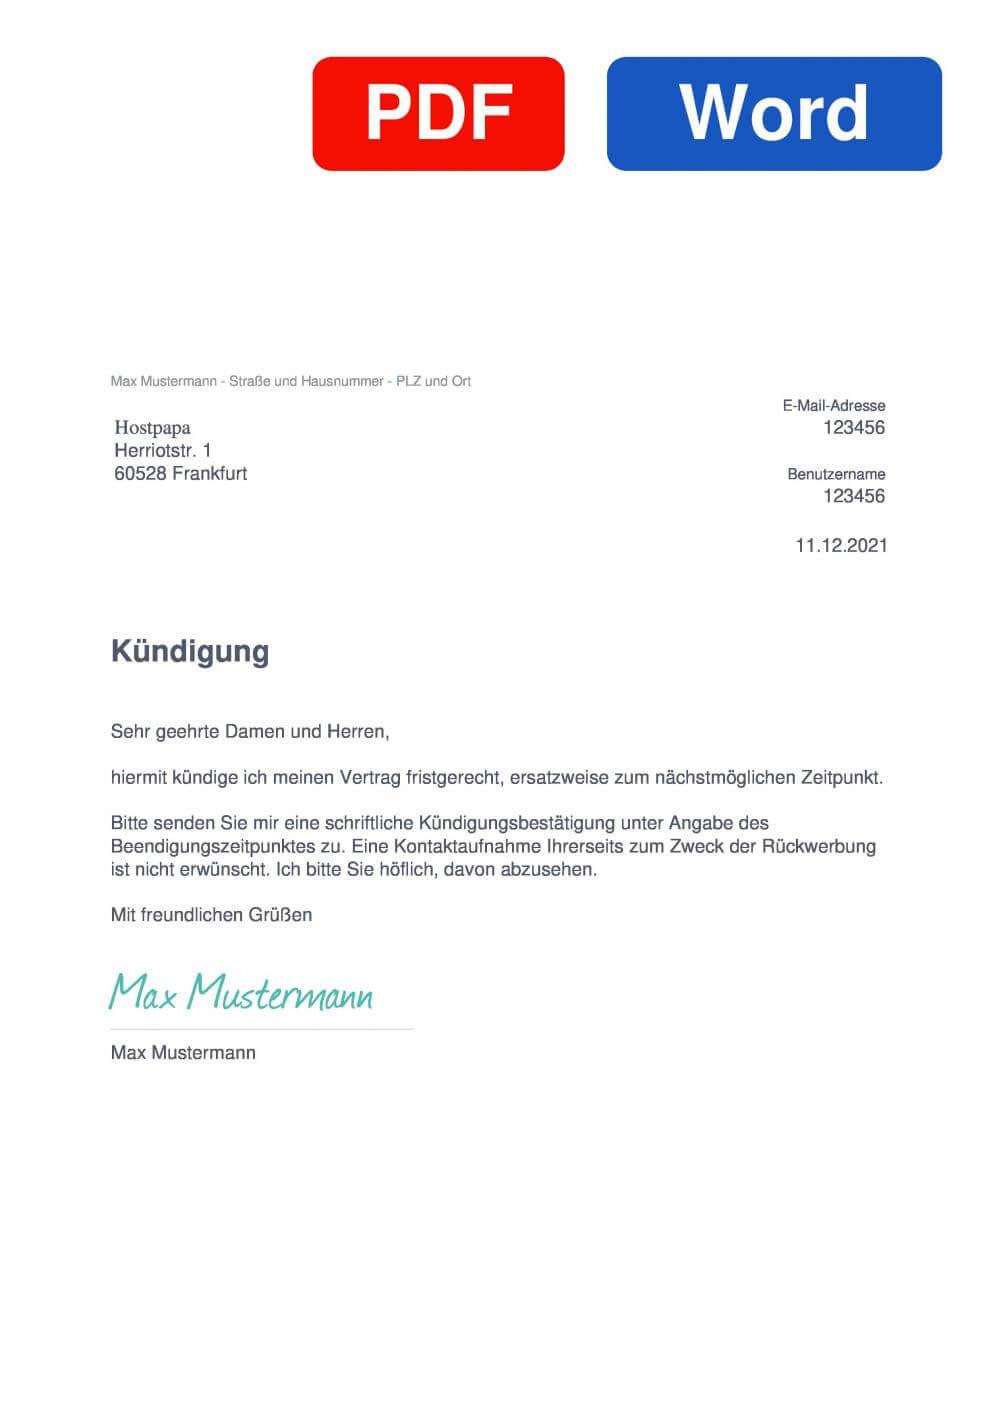 HostPapa Muster Vorlage für Kündigungsschreiben